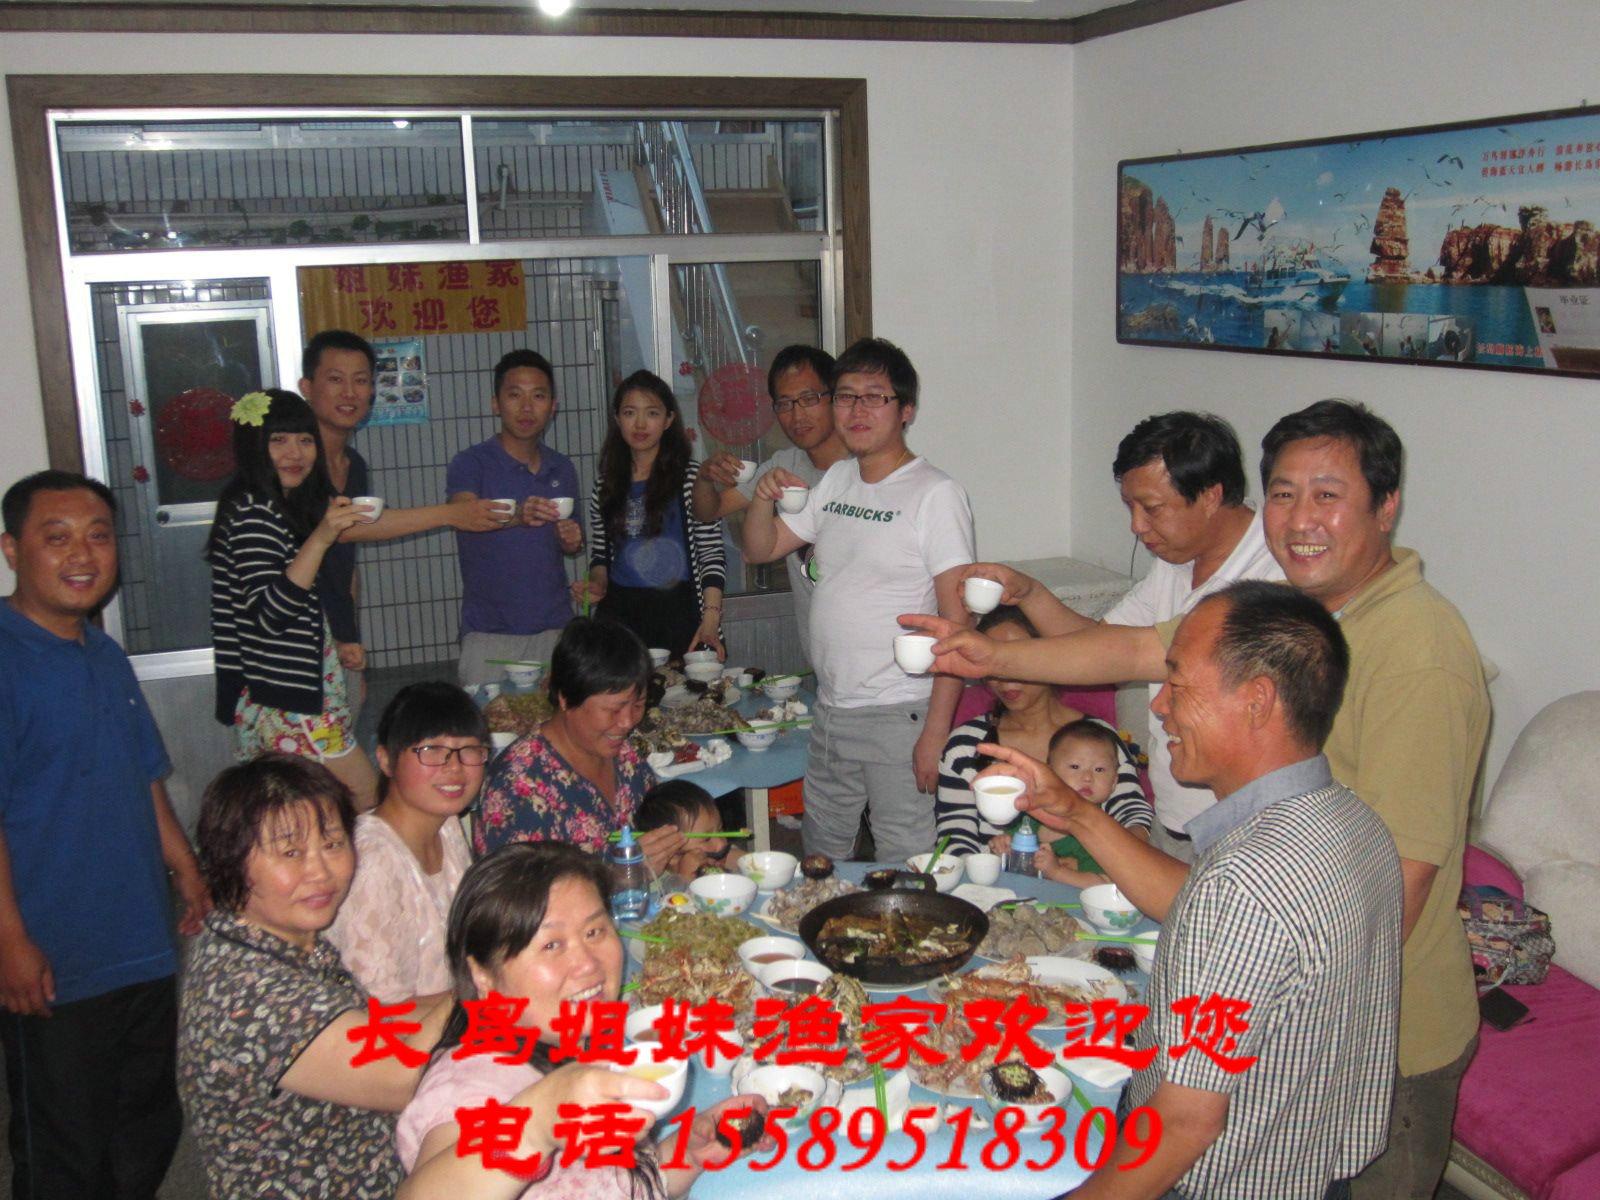 复件 (2) 北京.jpg